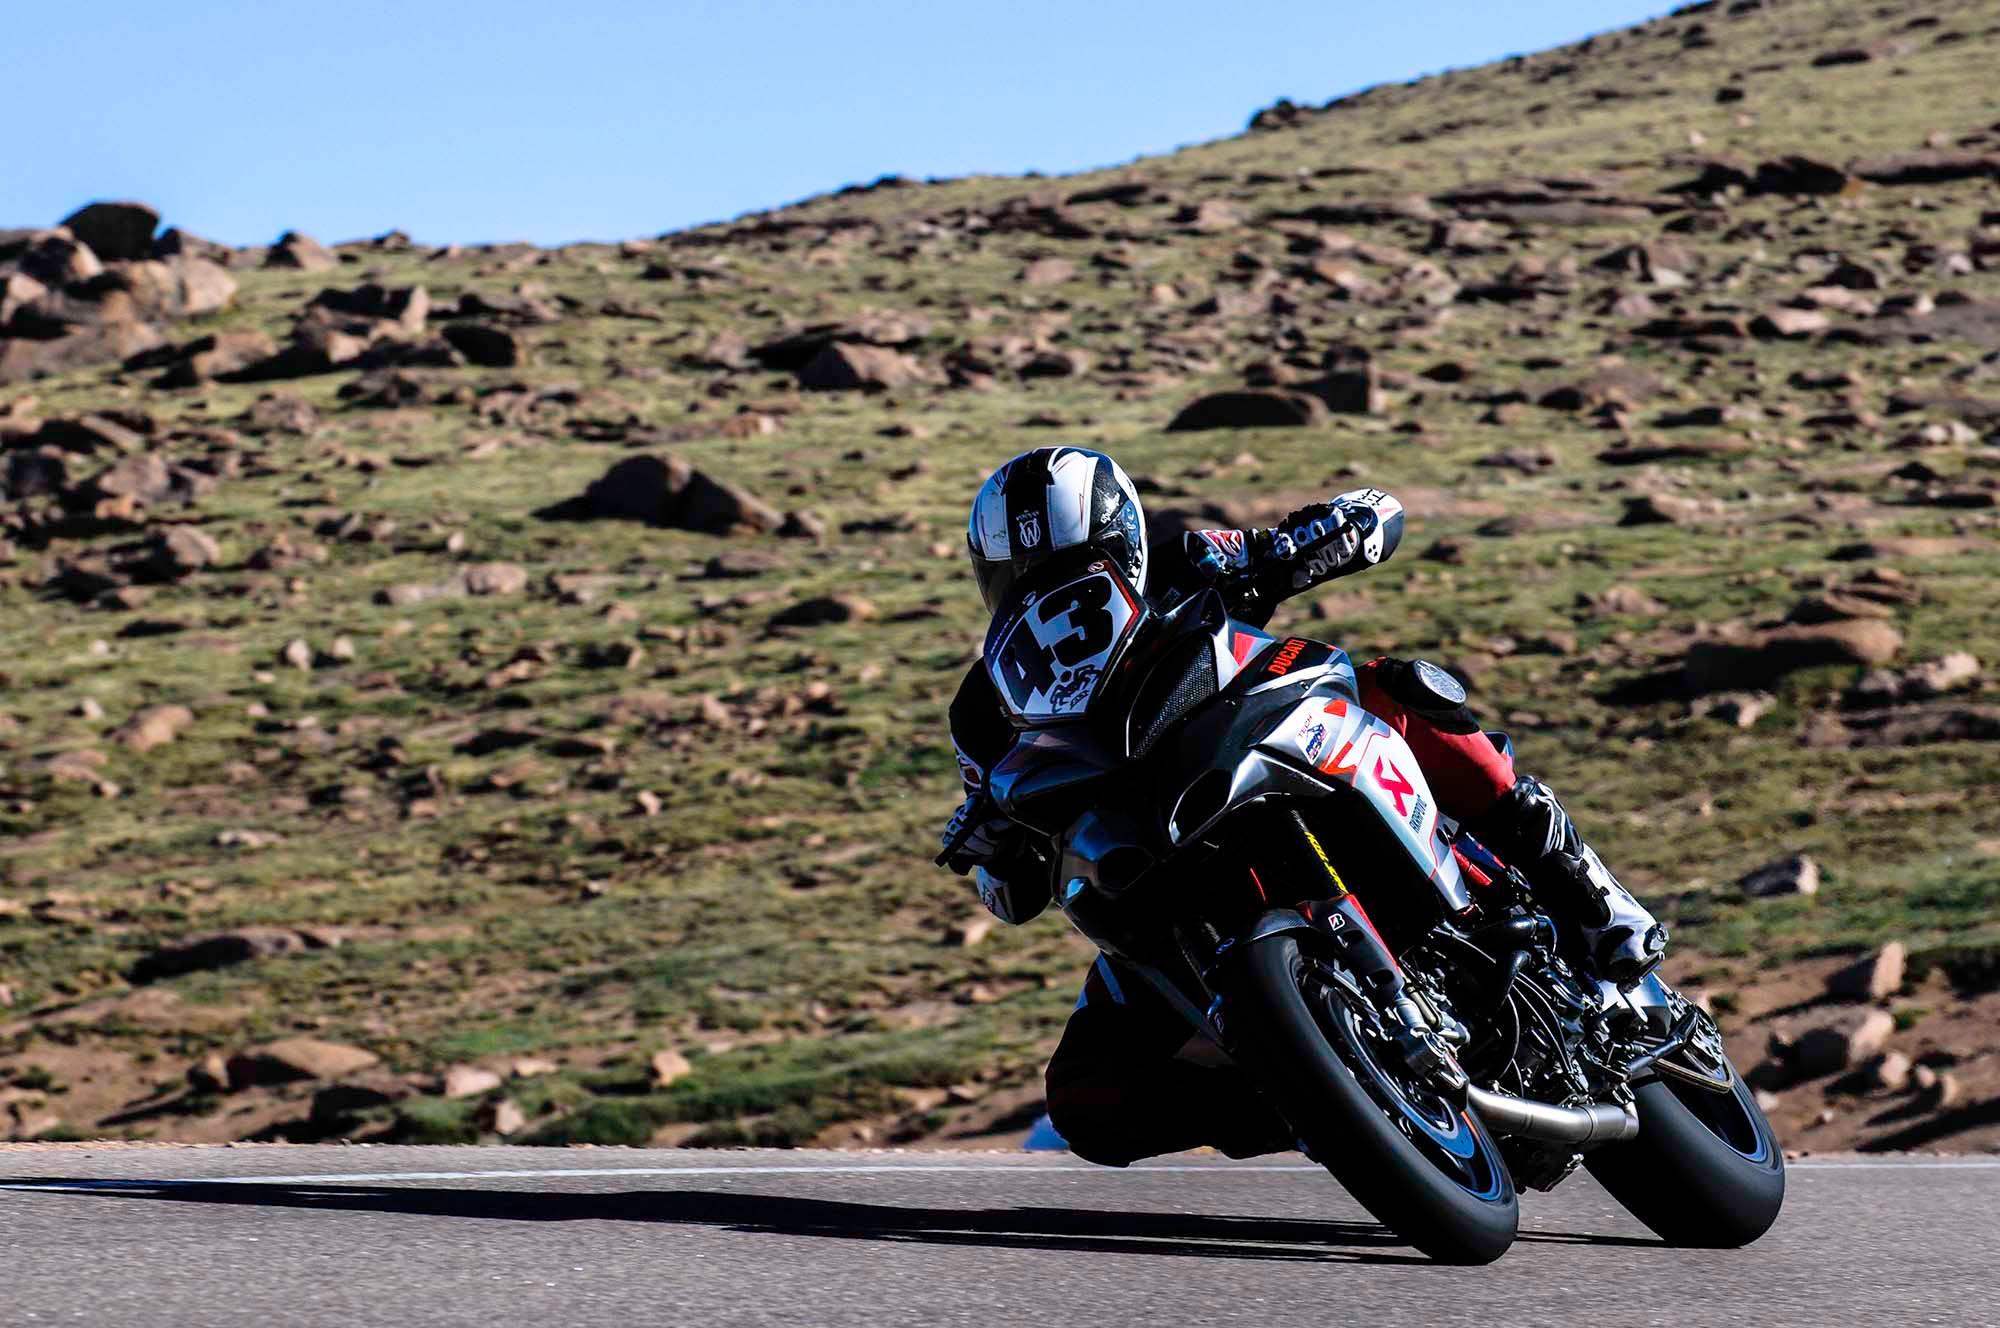 spider-grips-ducati-multistrada-1200-s-pikes-peak-race-bike-29.jpg